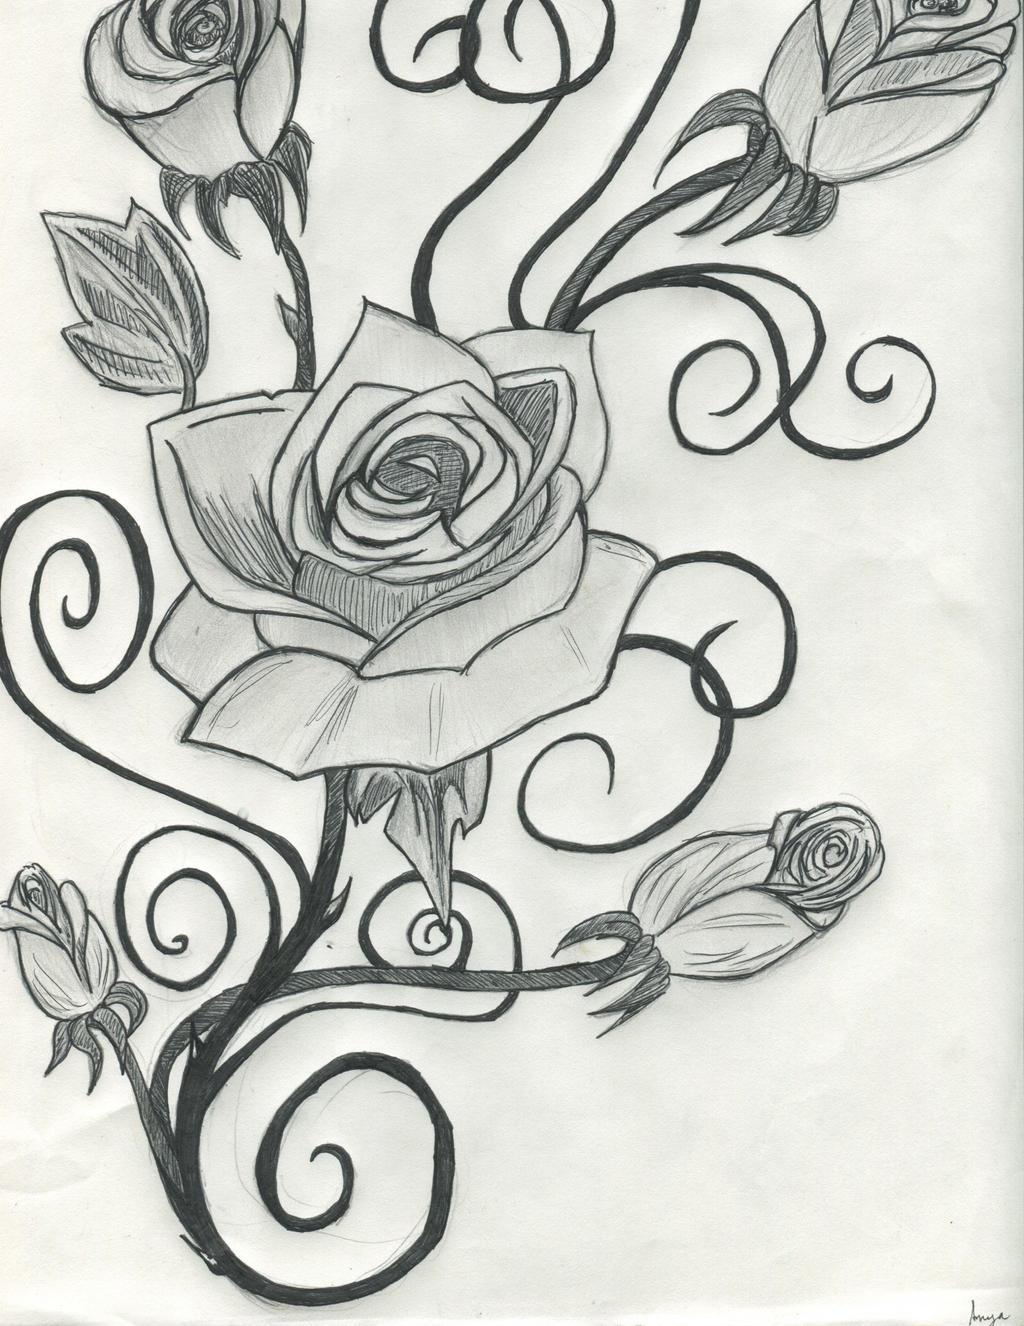 Rose Vines Drawings Drawings of Roses And Vines